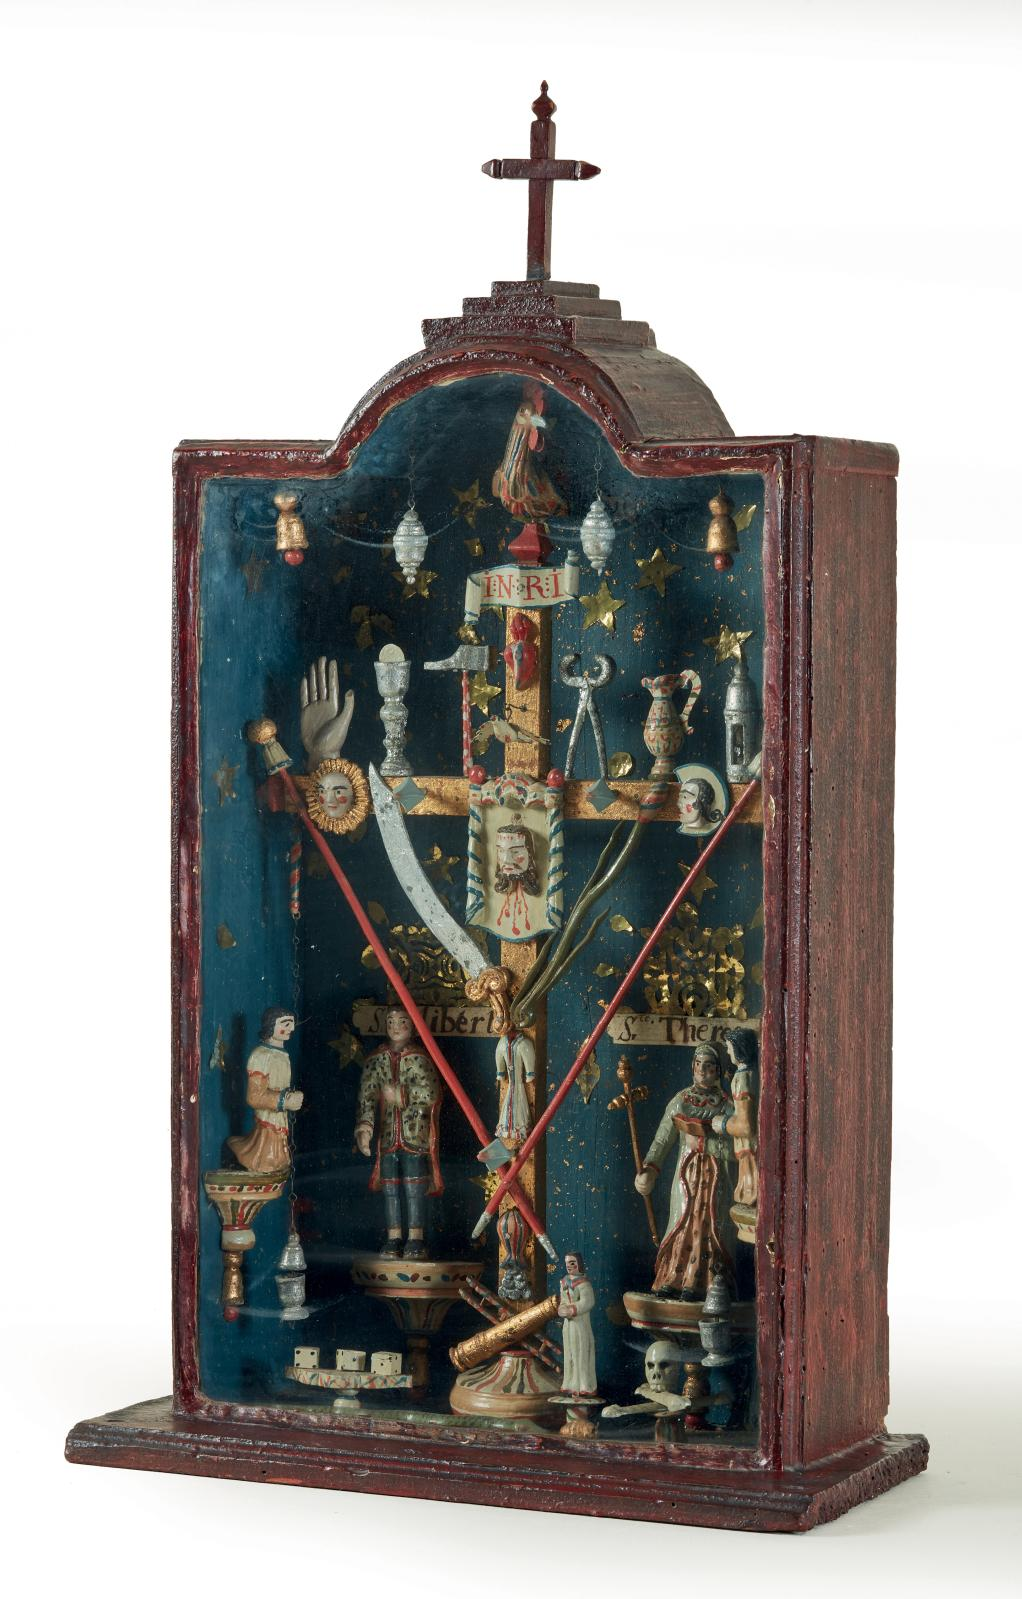 Croix de cabine de marinier du Rhône aux instruments de la Passion, dans une niche sous verre se détachant sur un fond bleu nuit étoilé, bois sculpté